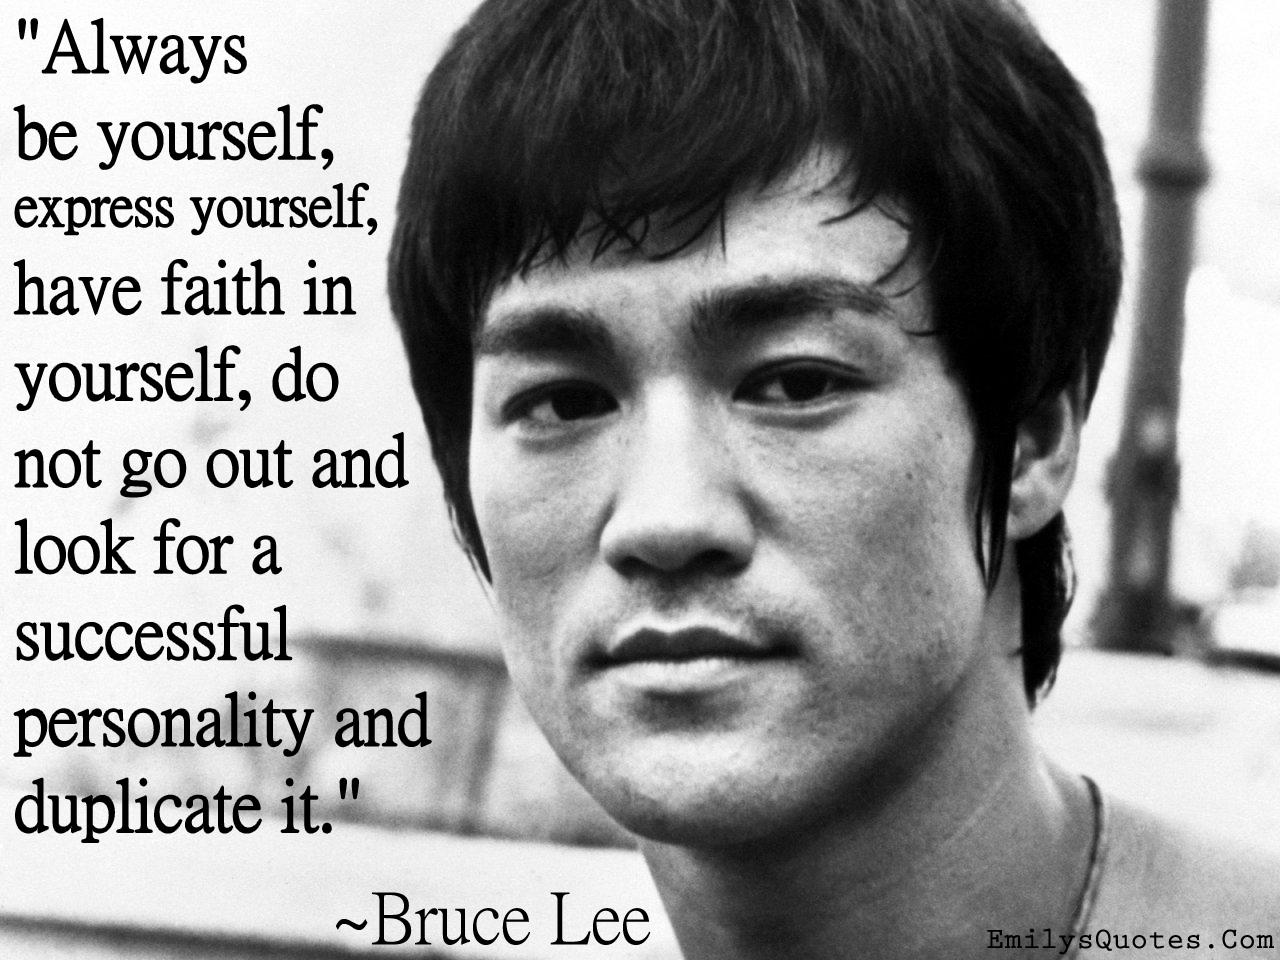 EmilysQuotes.Com - inspirational, amazing, great, be yourself, faith, Bruce Lee